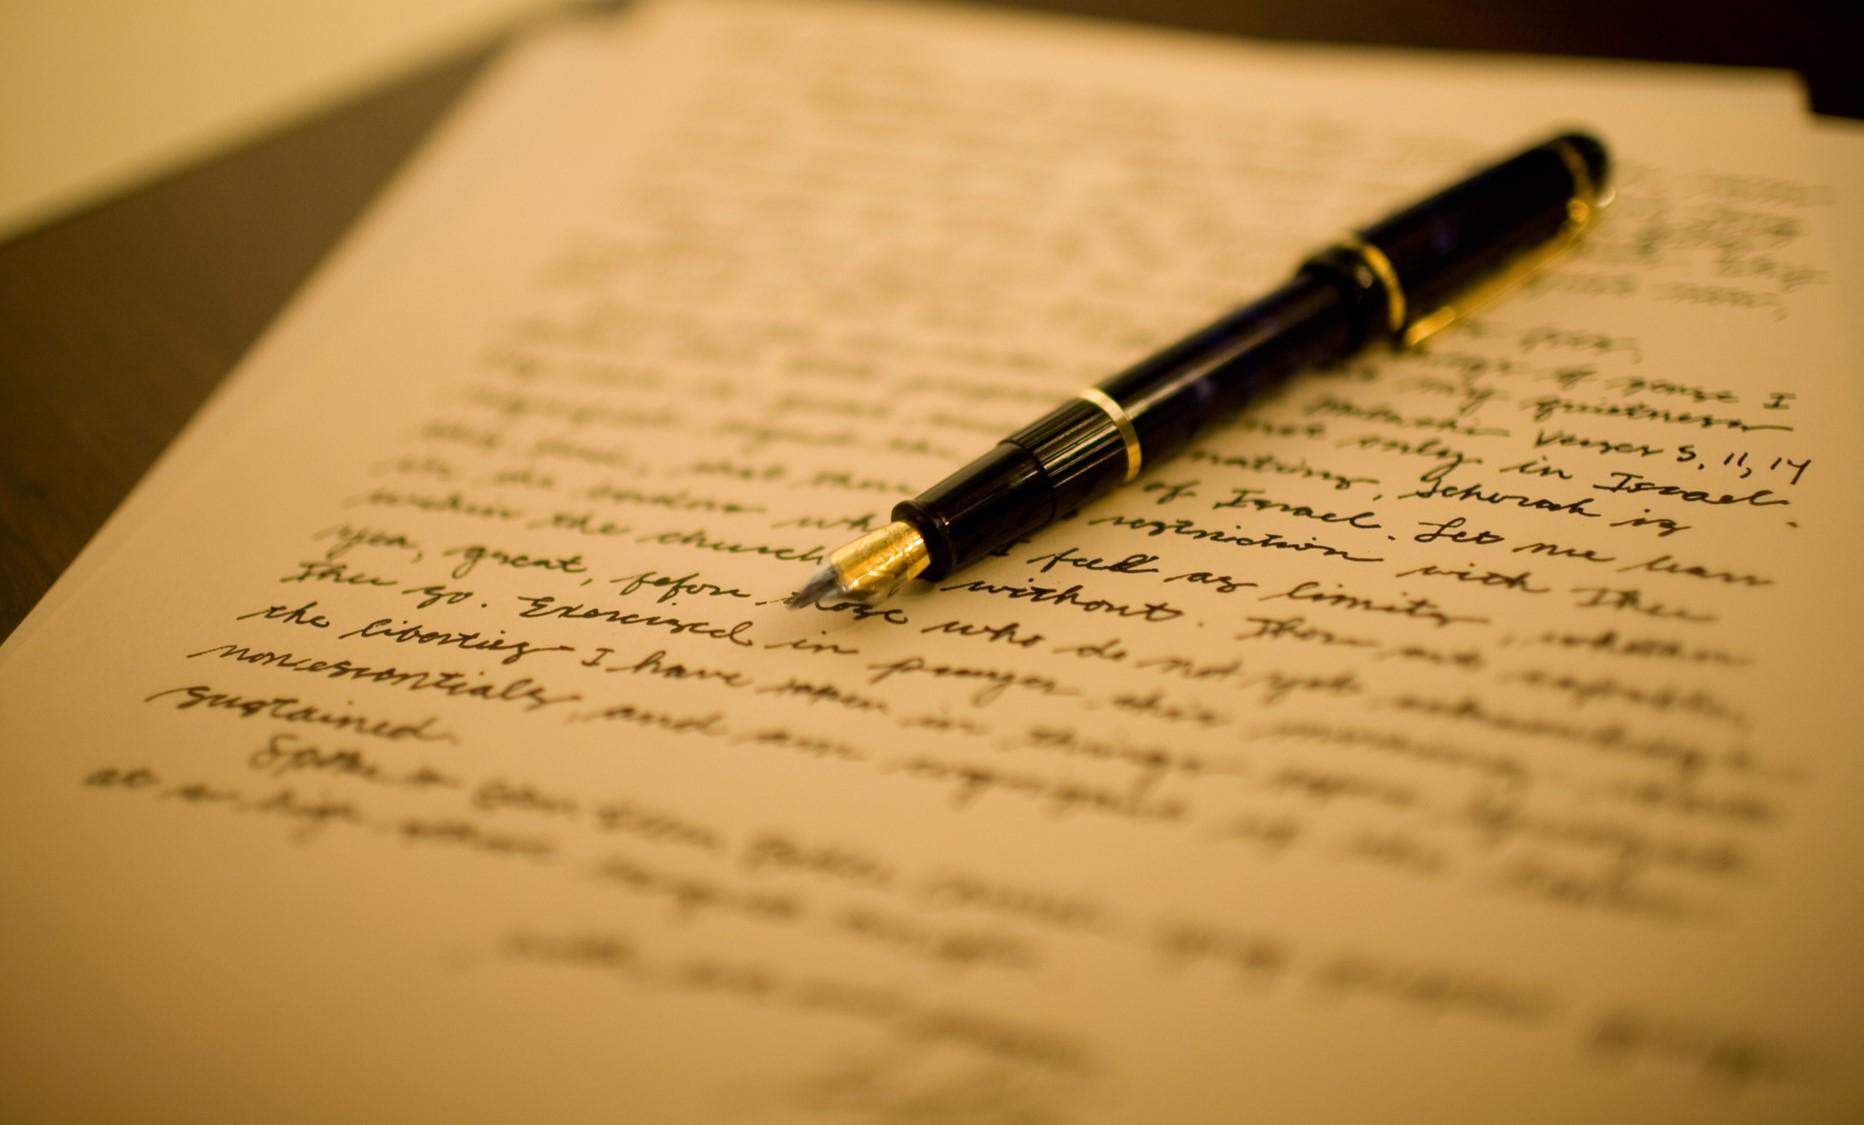 نوشتن یک کاور لتر مناسب در کنار مقاله علمی، ناشران و ویراستاران را از مناسب بودن نوشته جهت به چاپ رسیدن مطمئنتر میسازد.